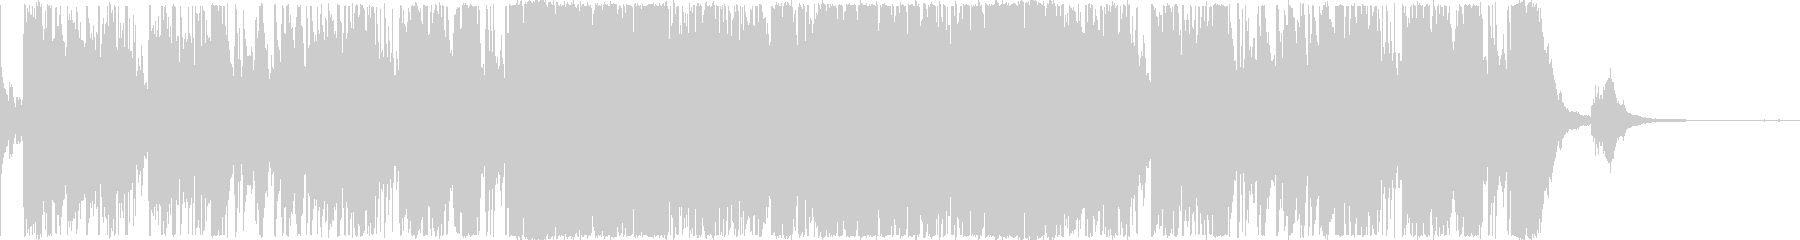 ロマンチックなバー・ジャズファンク・1分の未再生の波形